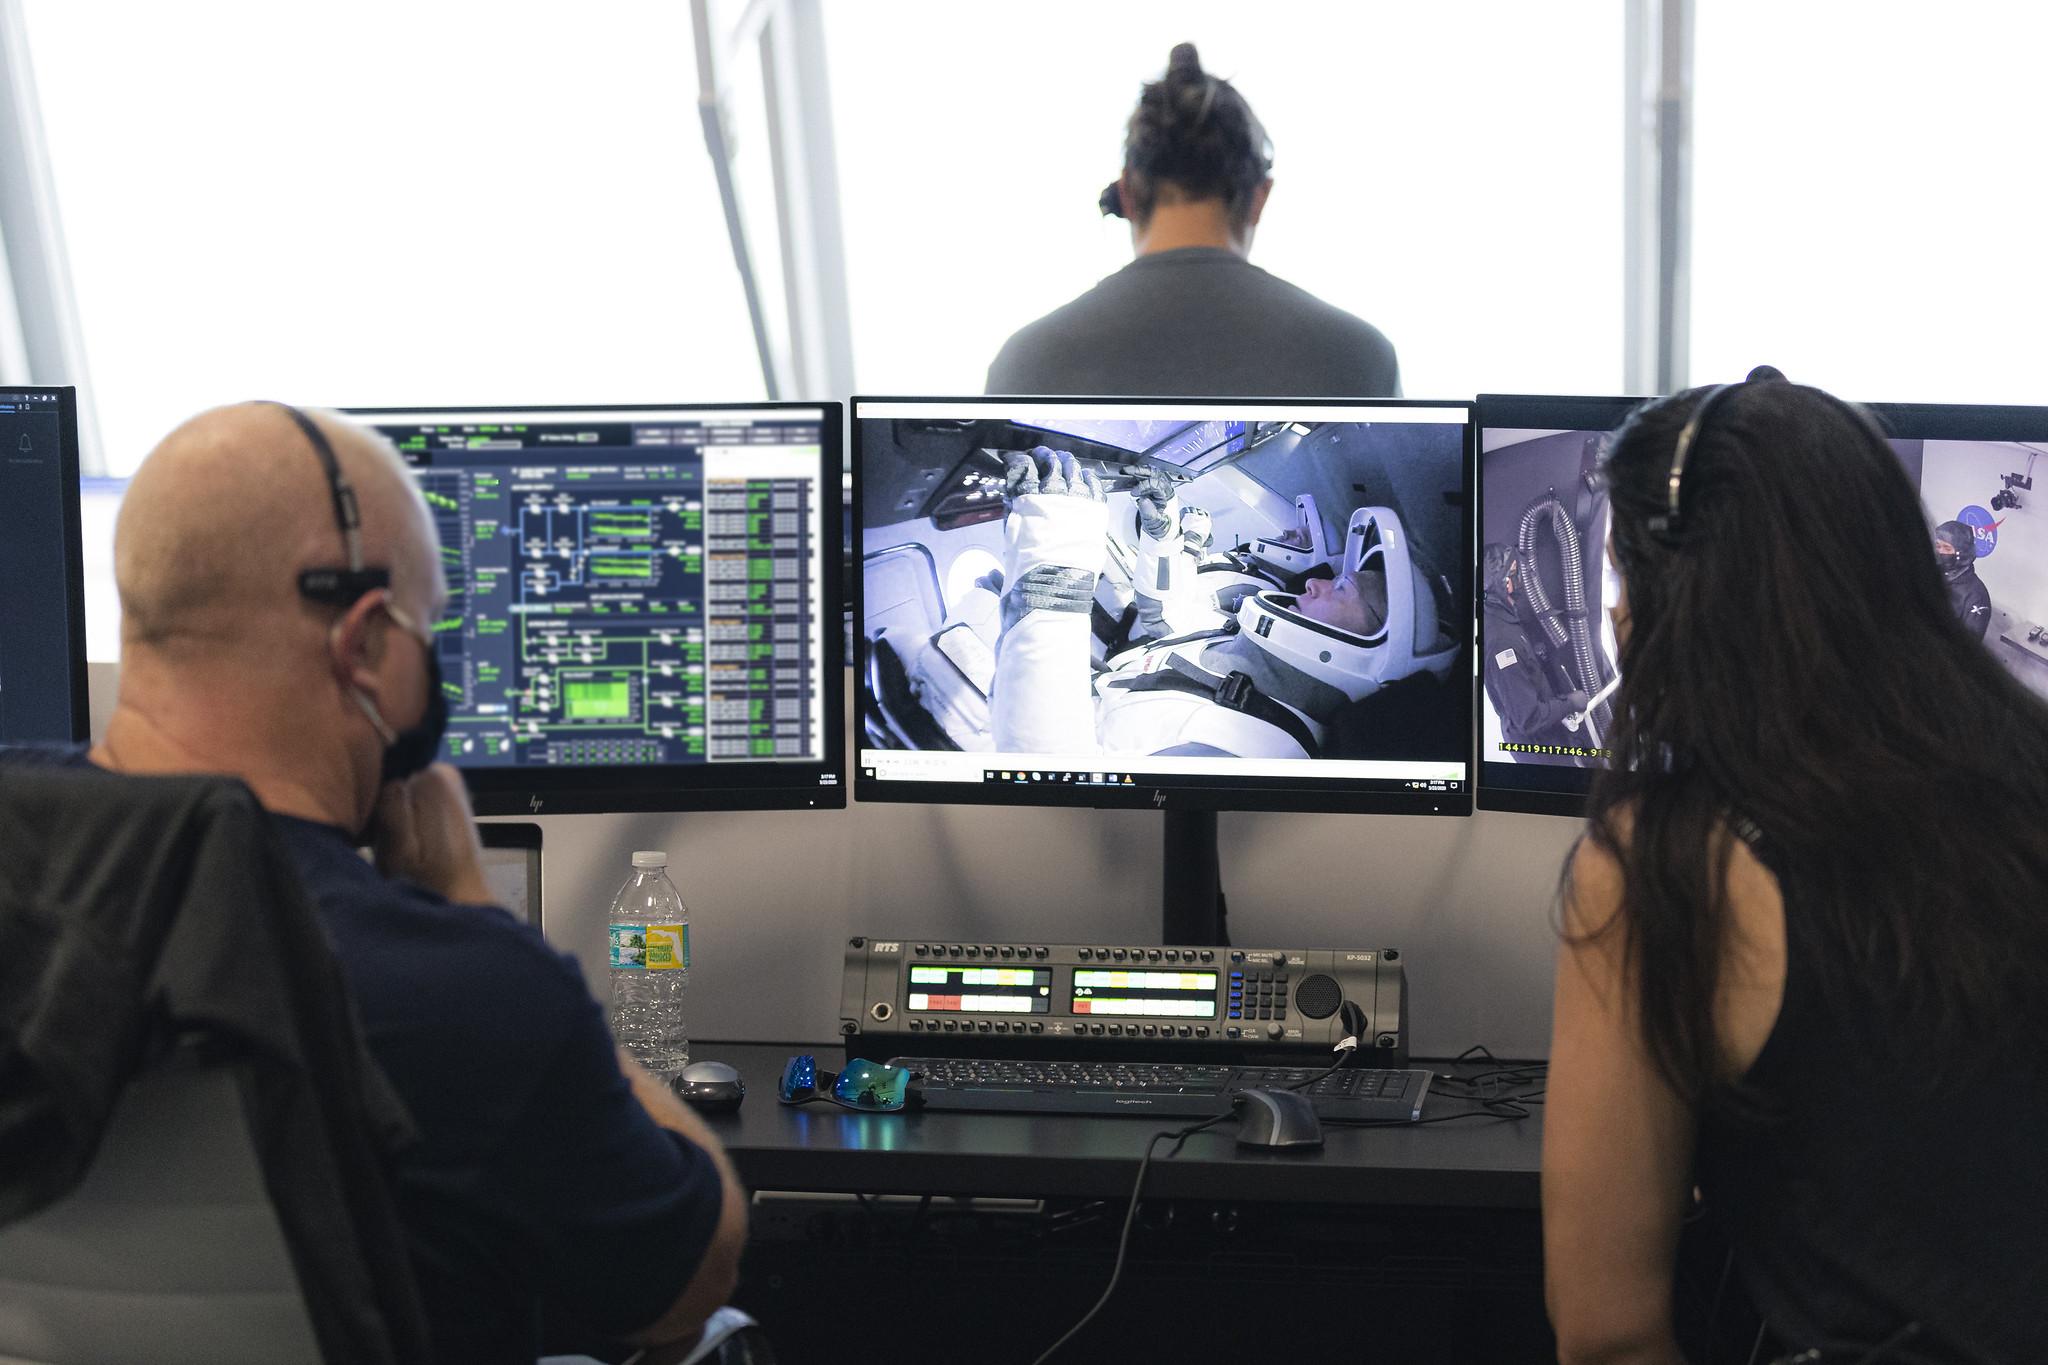 Equipe da NASA monitora o lançamento do projeto Demo-2 no Kennedy Space Center, na Flórida